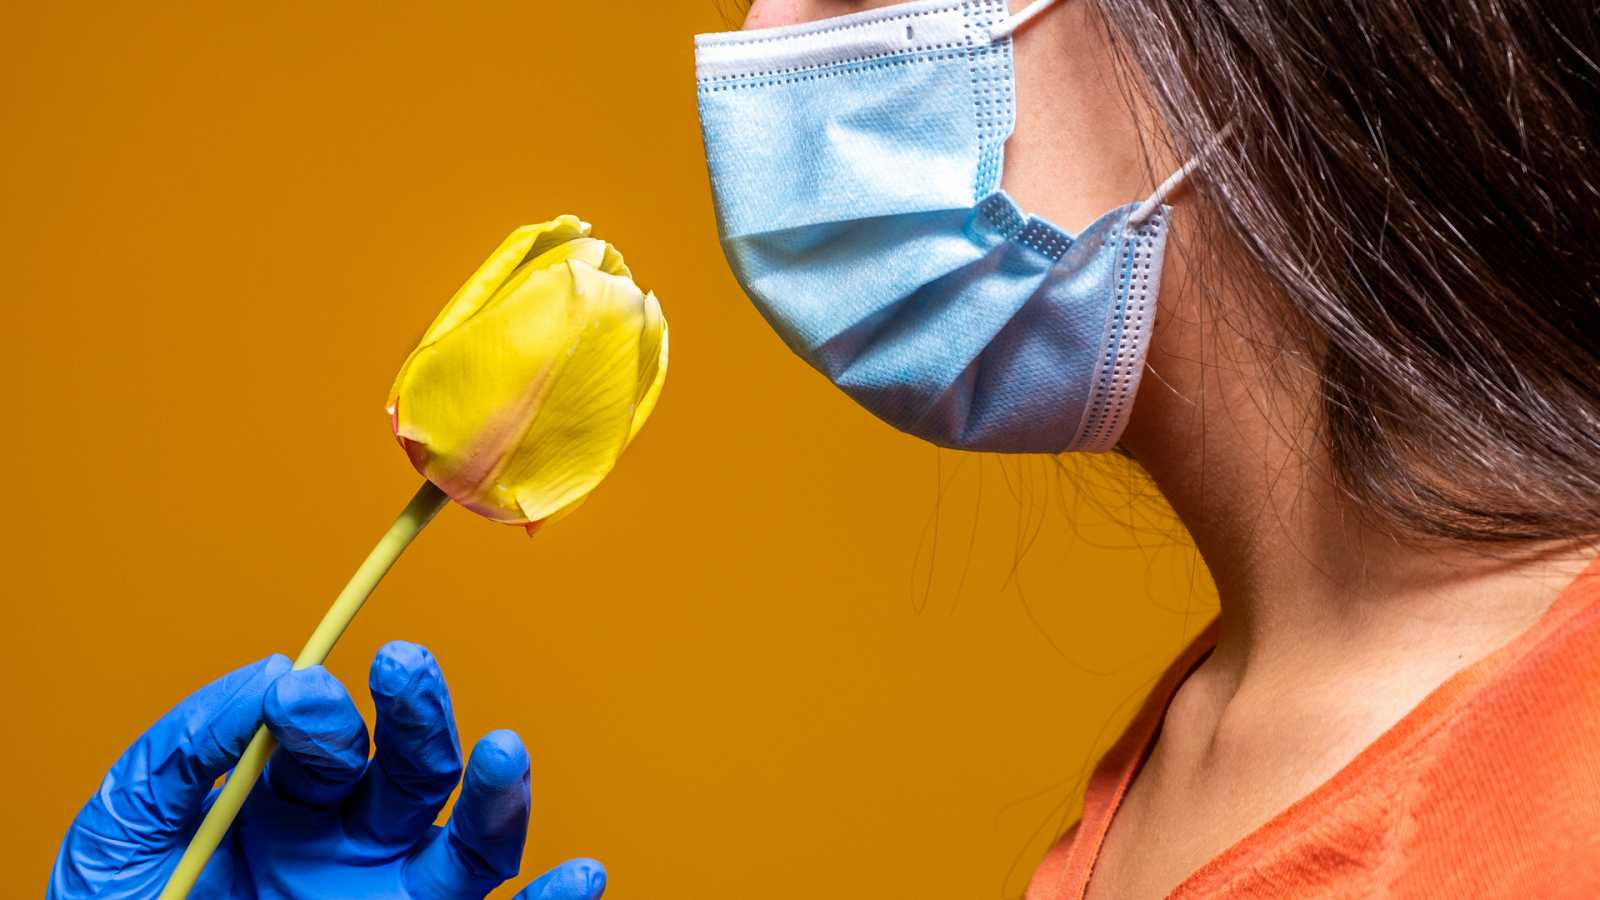 Cómo podemos recuperar el olfato tras la Covid-19? - RTVE.es